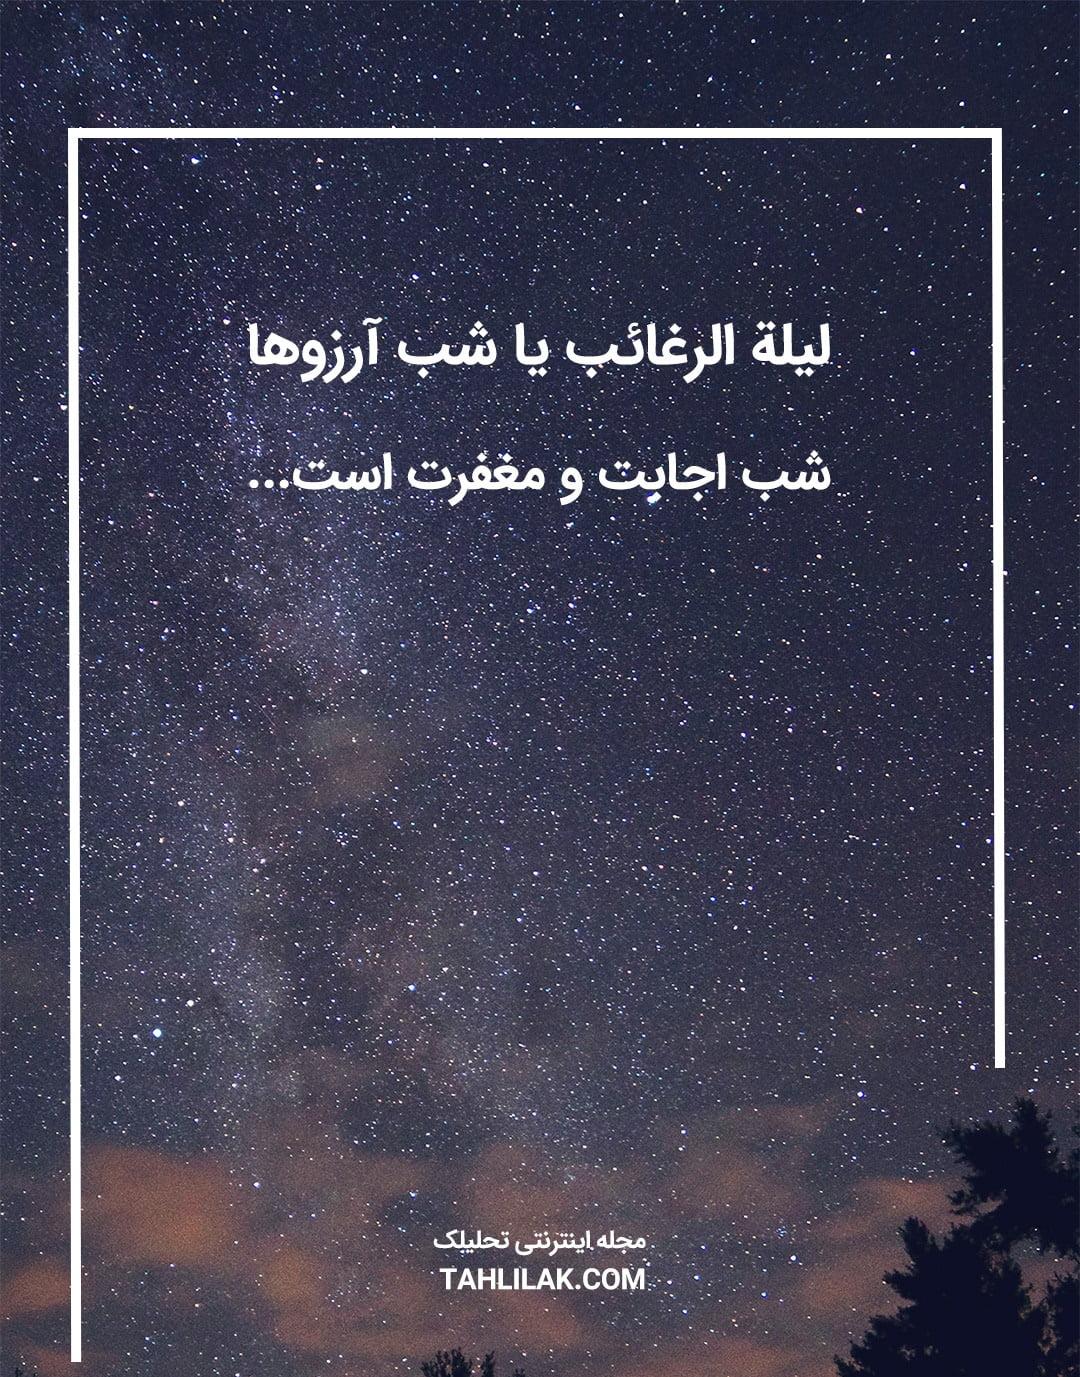 لیلة الرغائب یا شب آرزوها